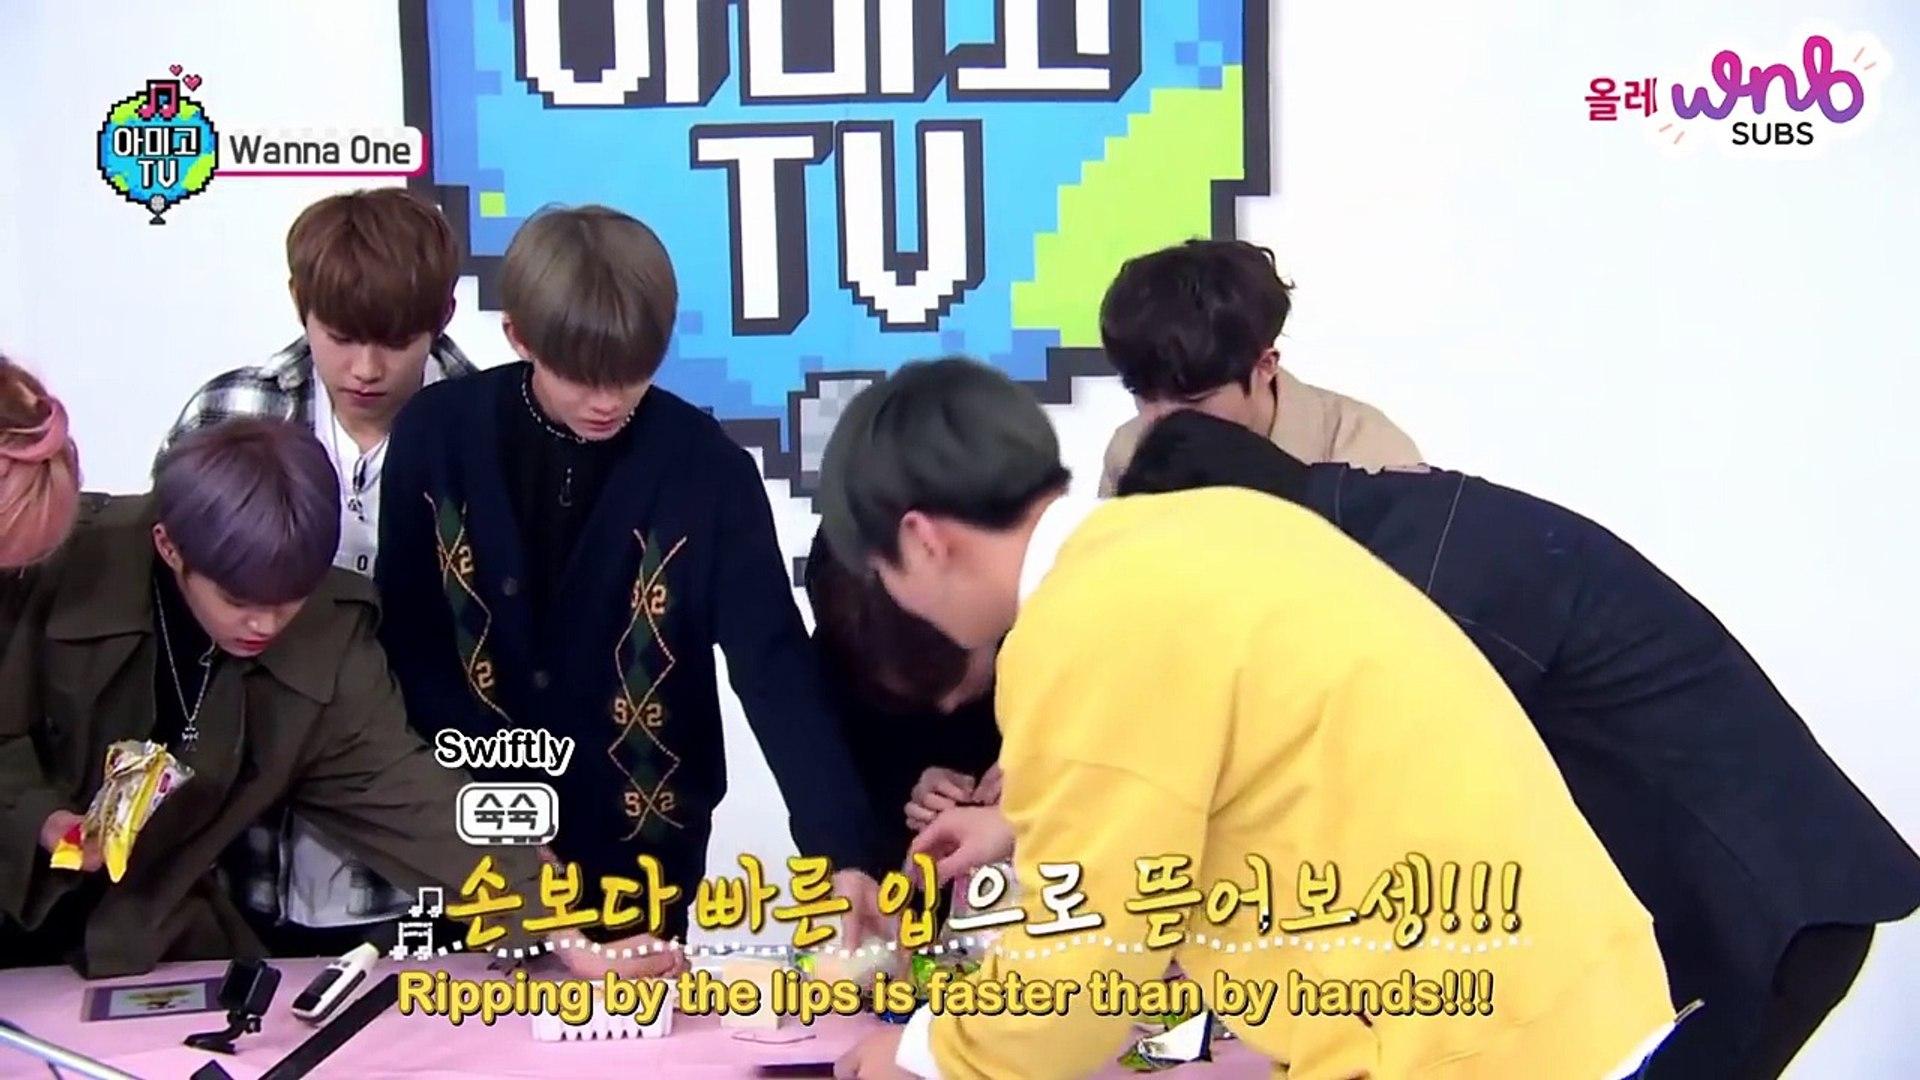 [ENG SUB] Wanna One Amigo TV Episode 2